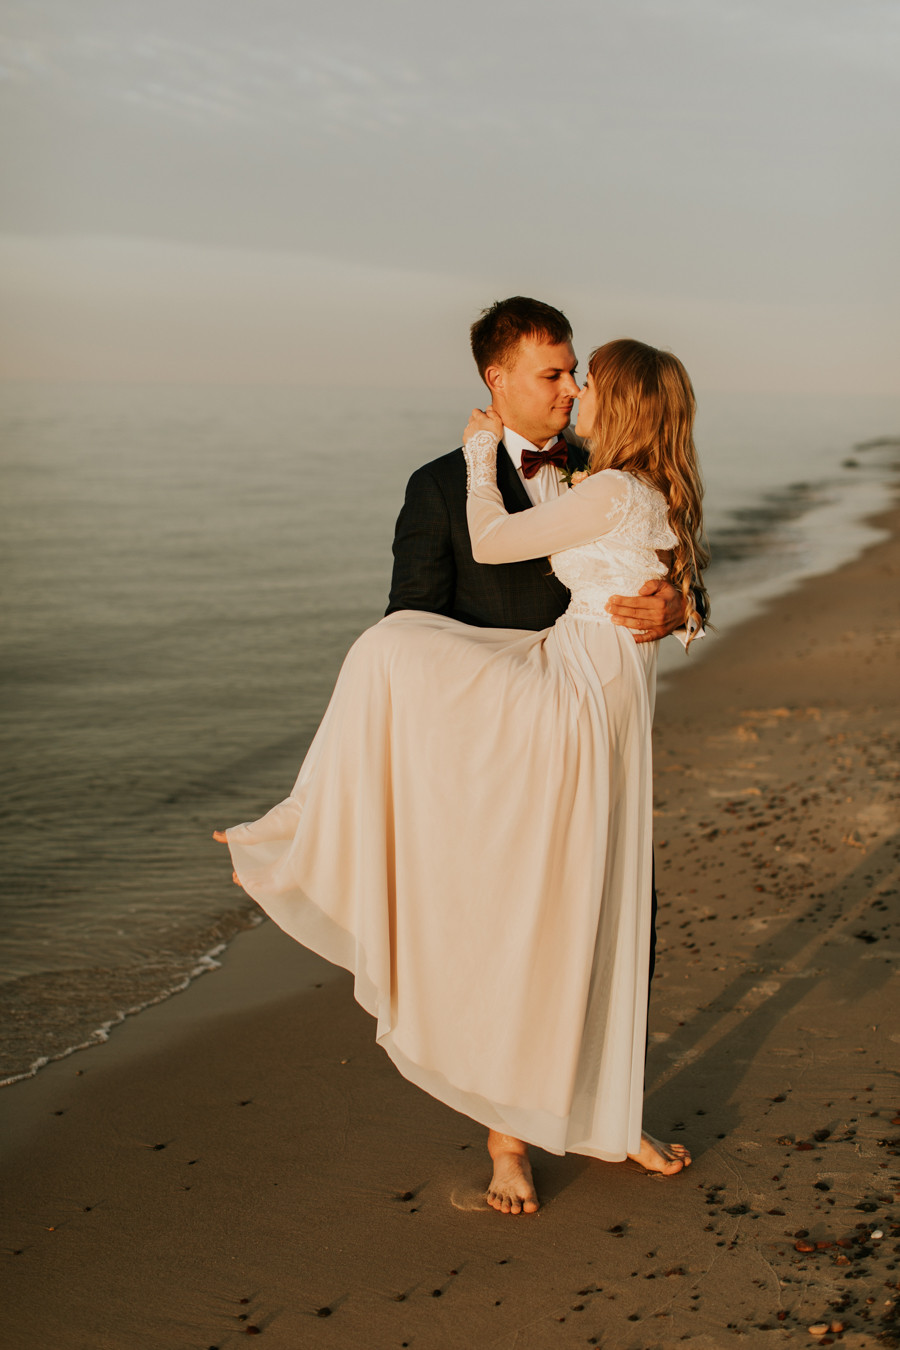 plener ślubny nad morzem, plener w Łebie, Słowiński Park Narodowy, sesja ślubna na wydmach, zdjęcia ślubne wydmy Łeba, rustykalne wesele, boho ślub, fotograf Warszawa